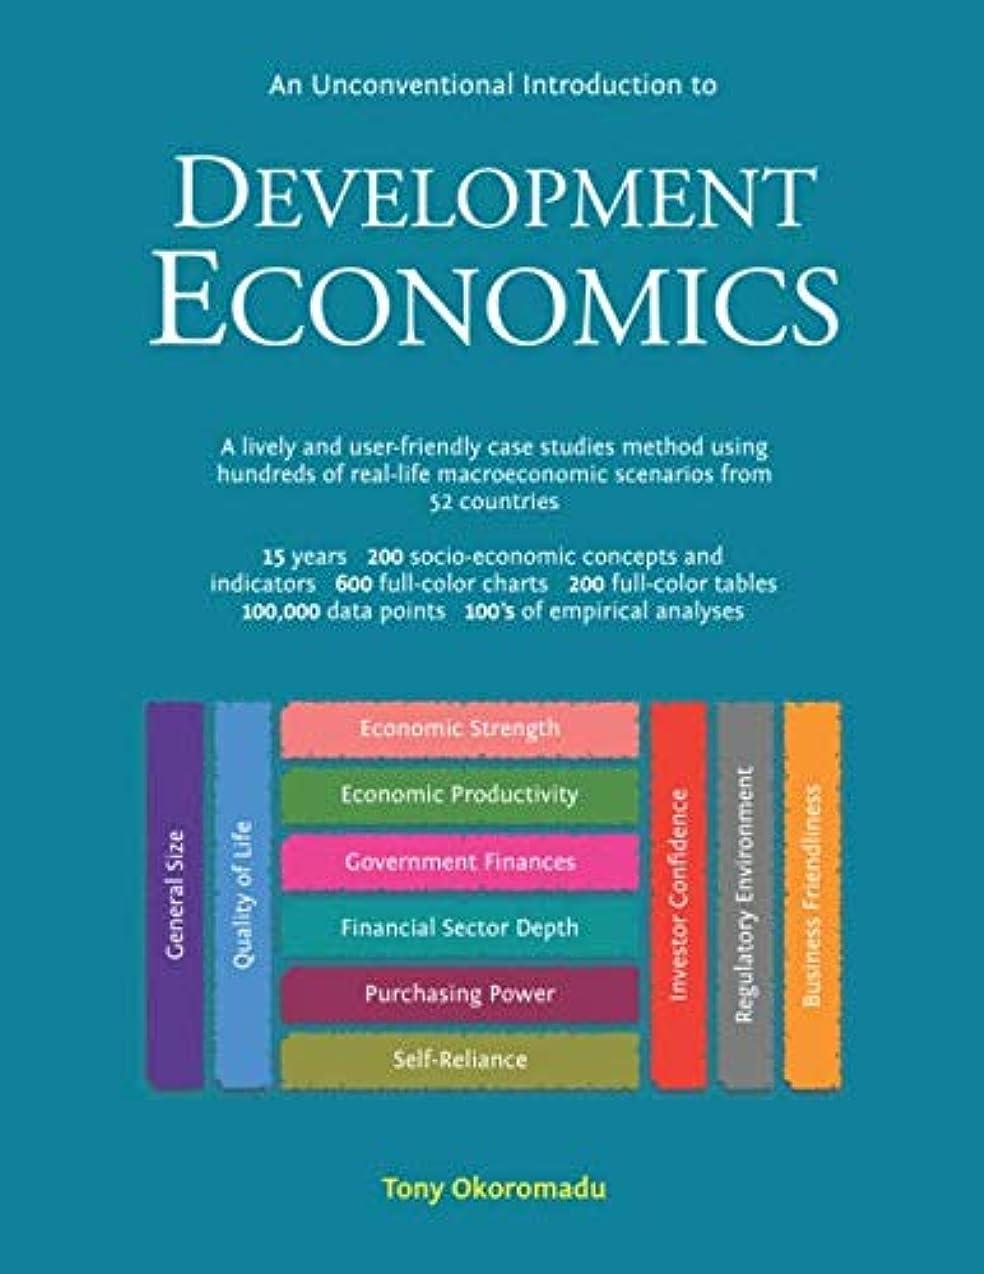 盲信教育学アクチュエータAn Unconventional Introduction to Development Economics: A lively and user-friendly case studies method using hundreds of real-life macroeconomic scenarios from 52 countries